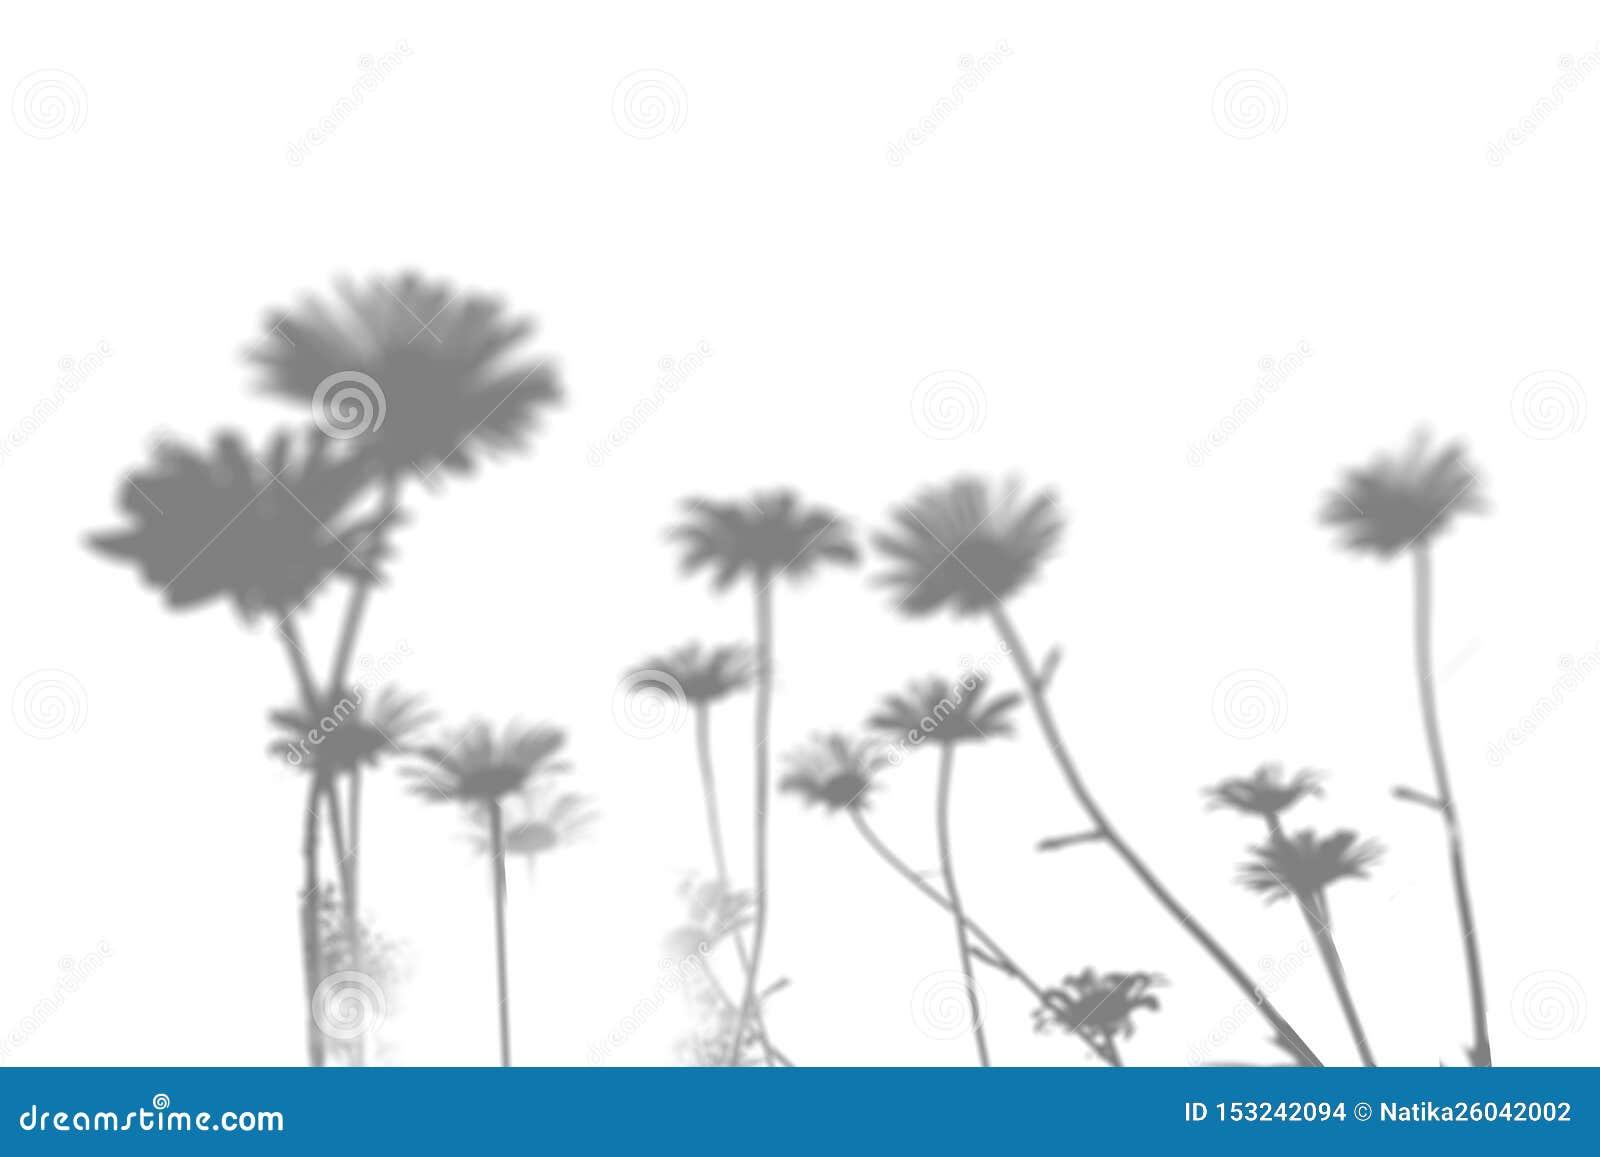 Тень травы поля на белой стене Черно-белое изображение для верхнего слоя или модель-макета фото